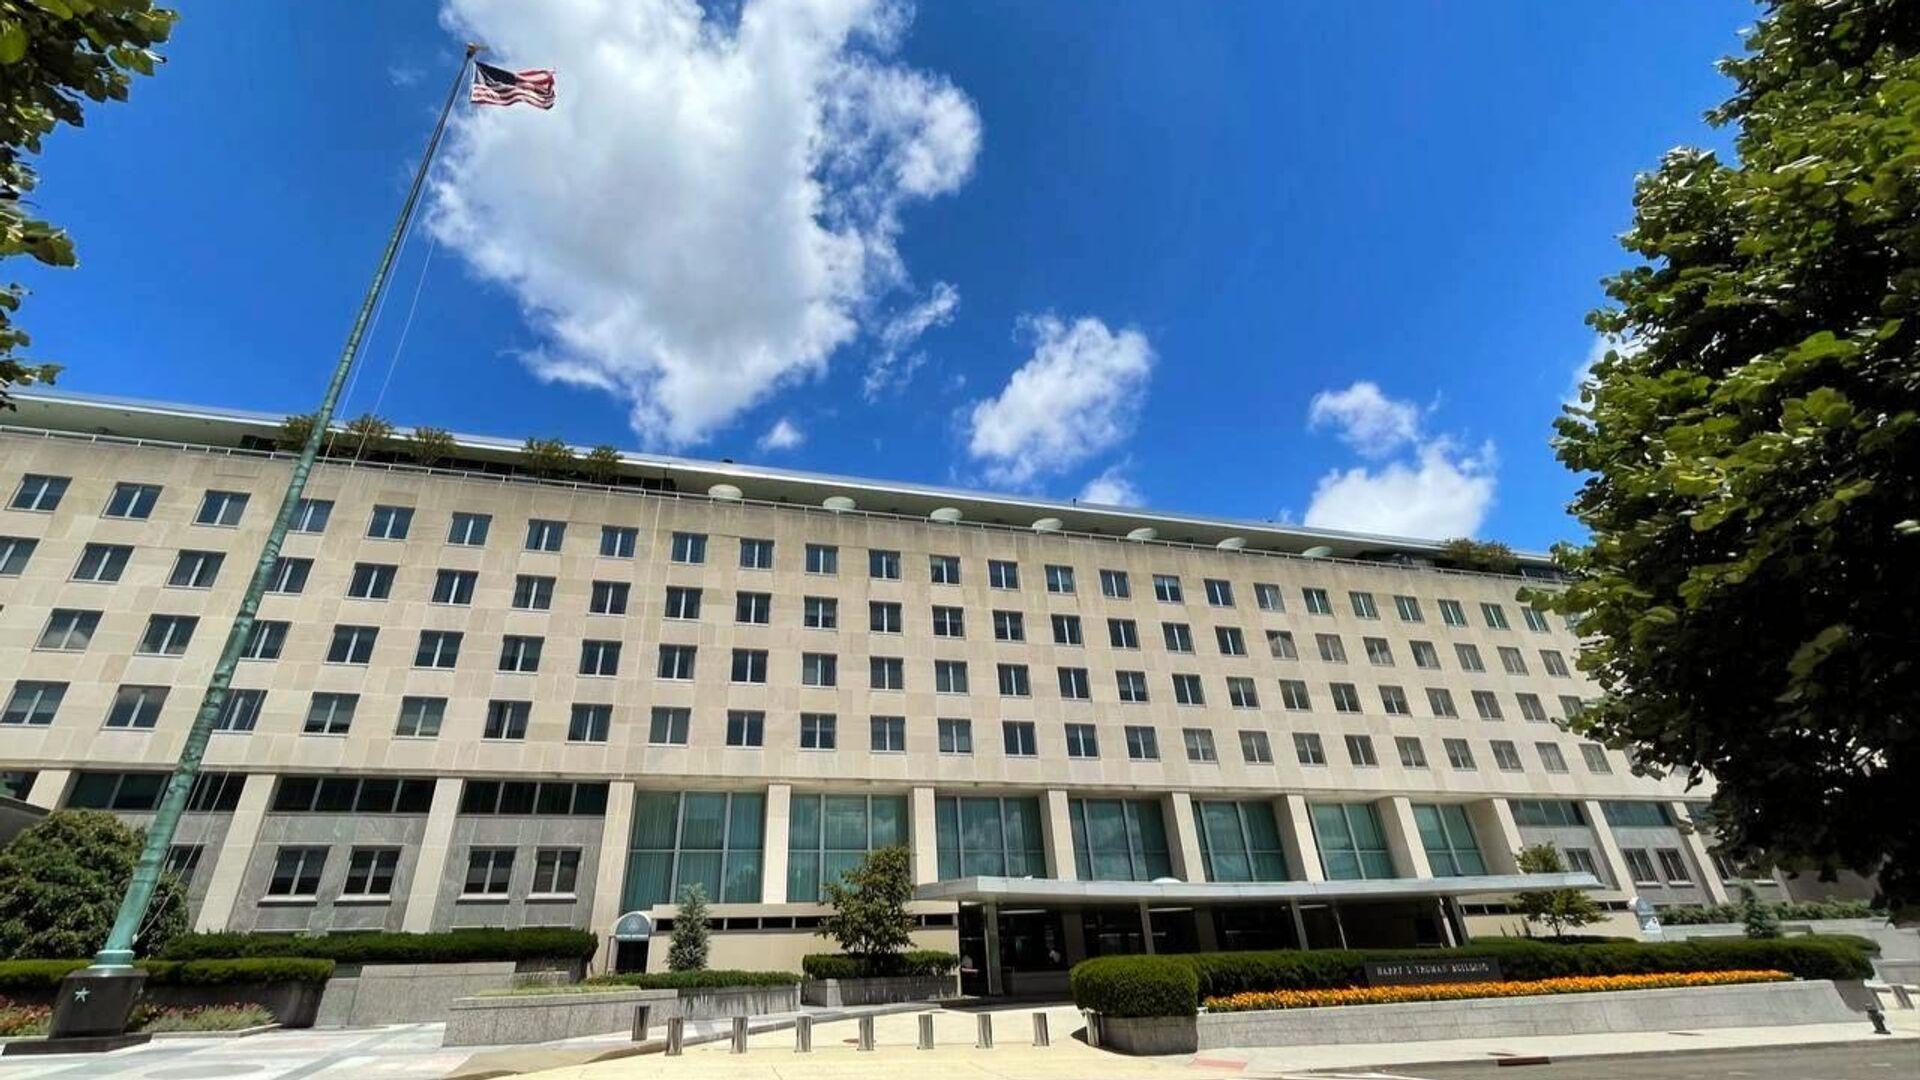 Здание Государственного департамента США в Вашингтоне - РИА Новости, 1920, 21.07.2021